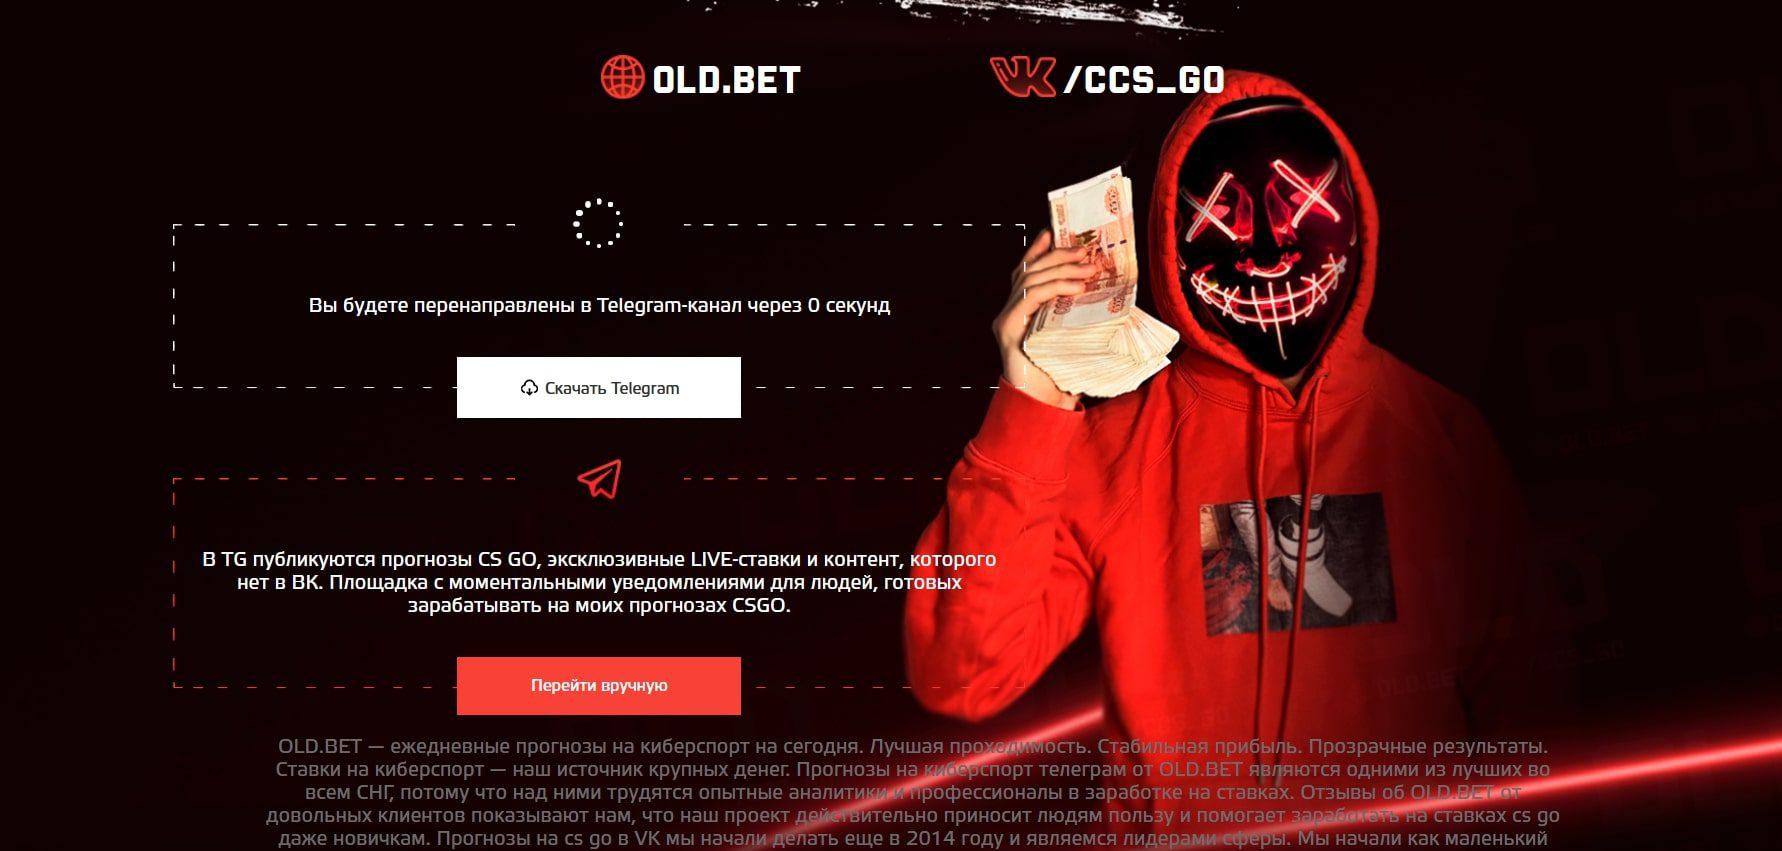 Официальный сайт Old Bet